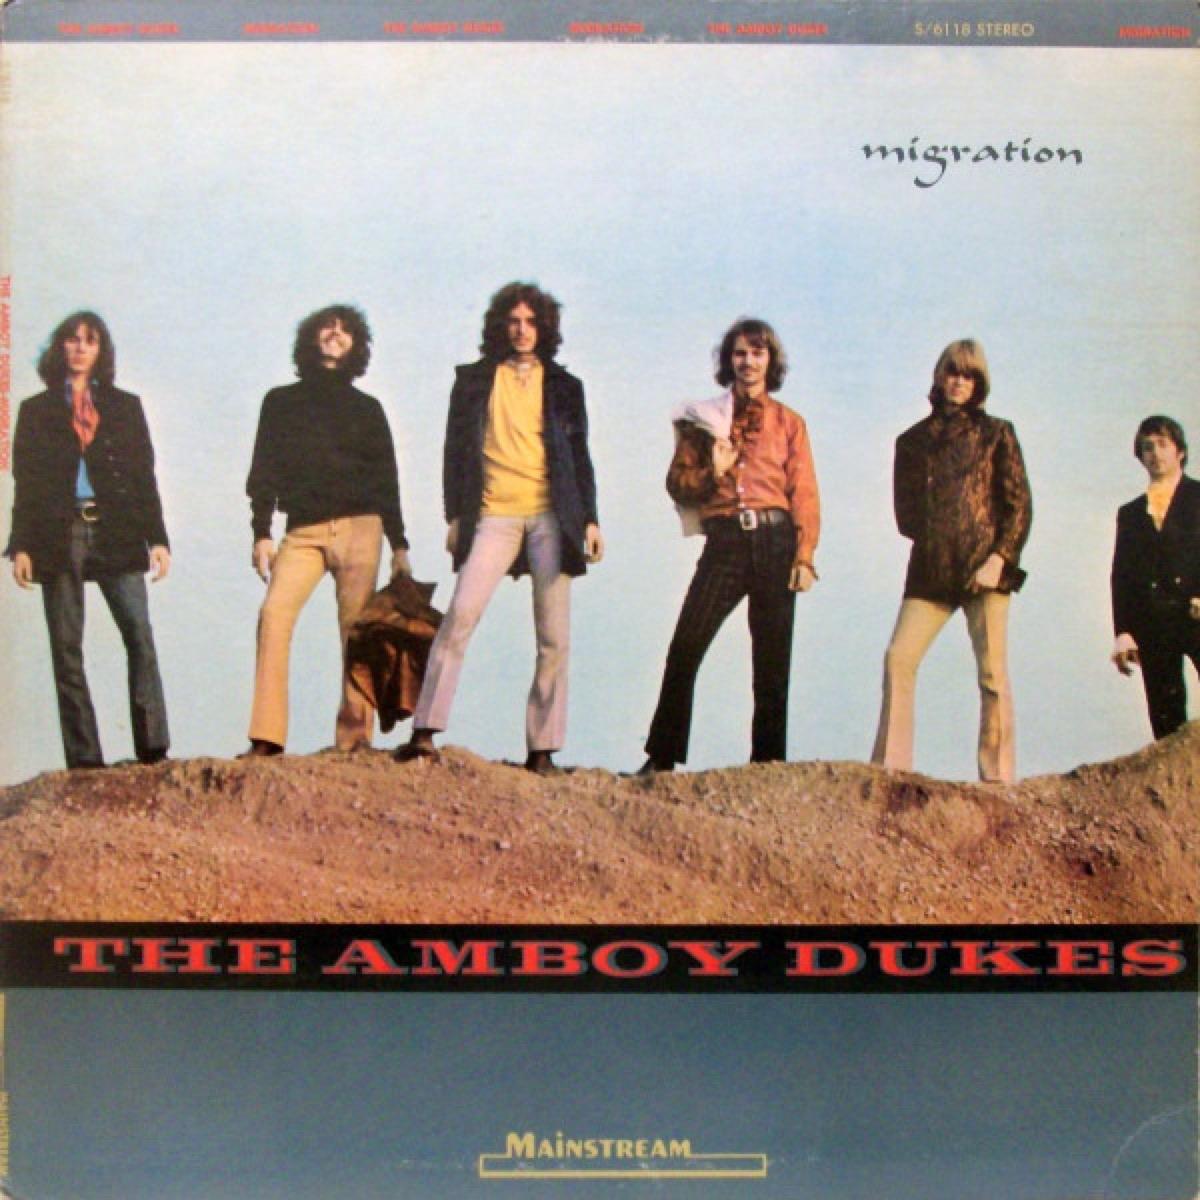 The Amboy Dukes album